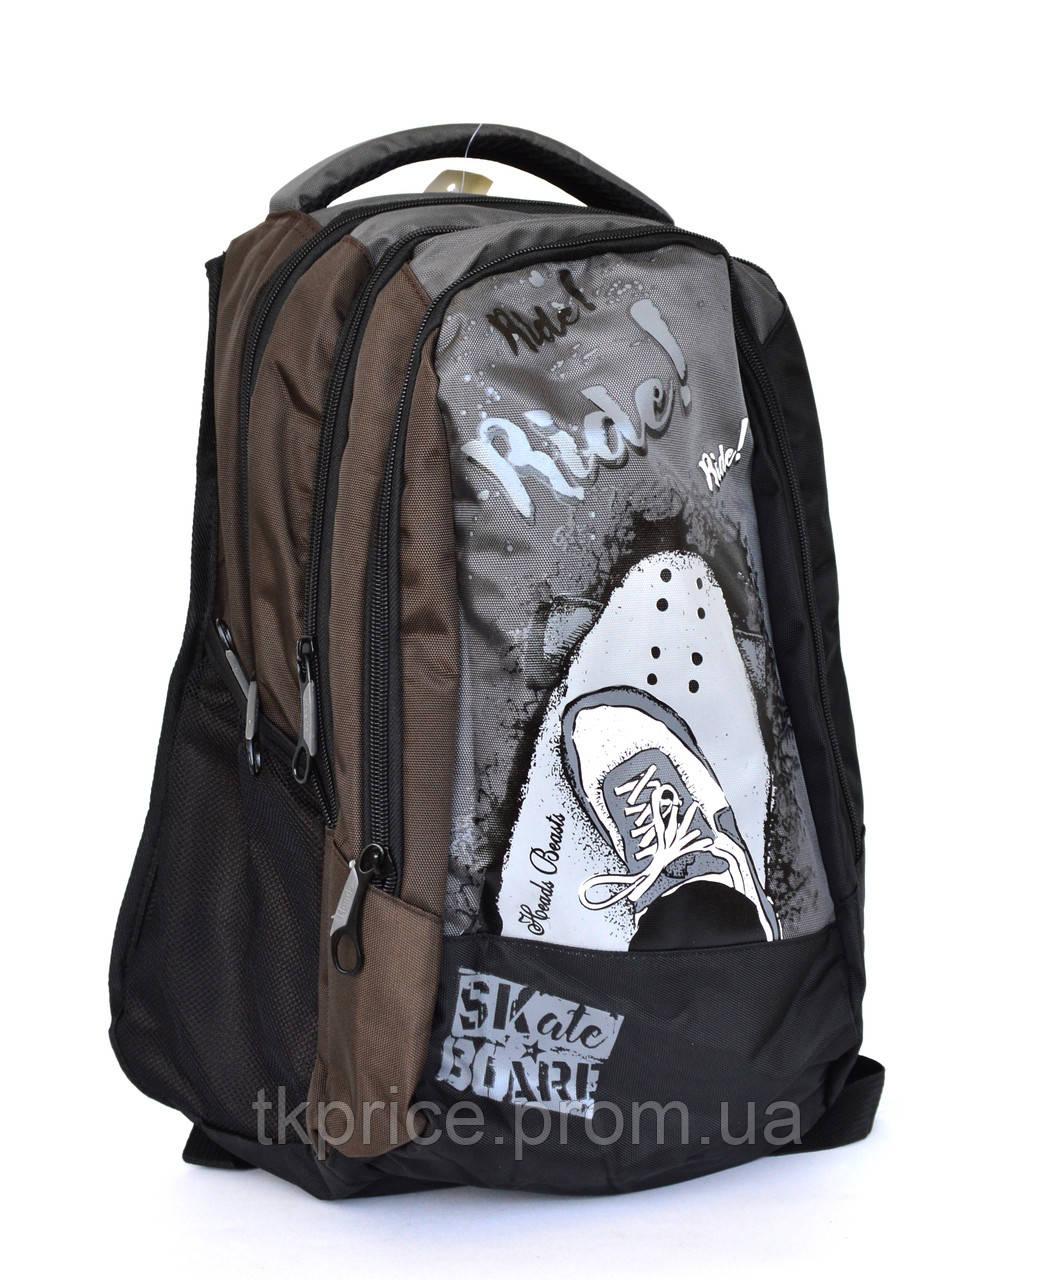 Качественный школьный рюкзак 9003